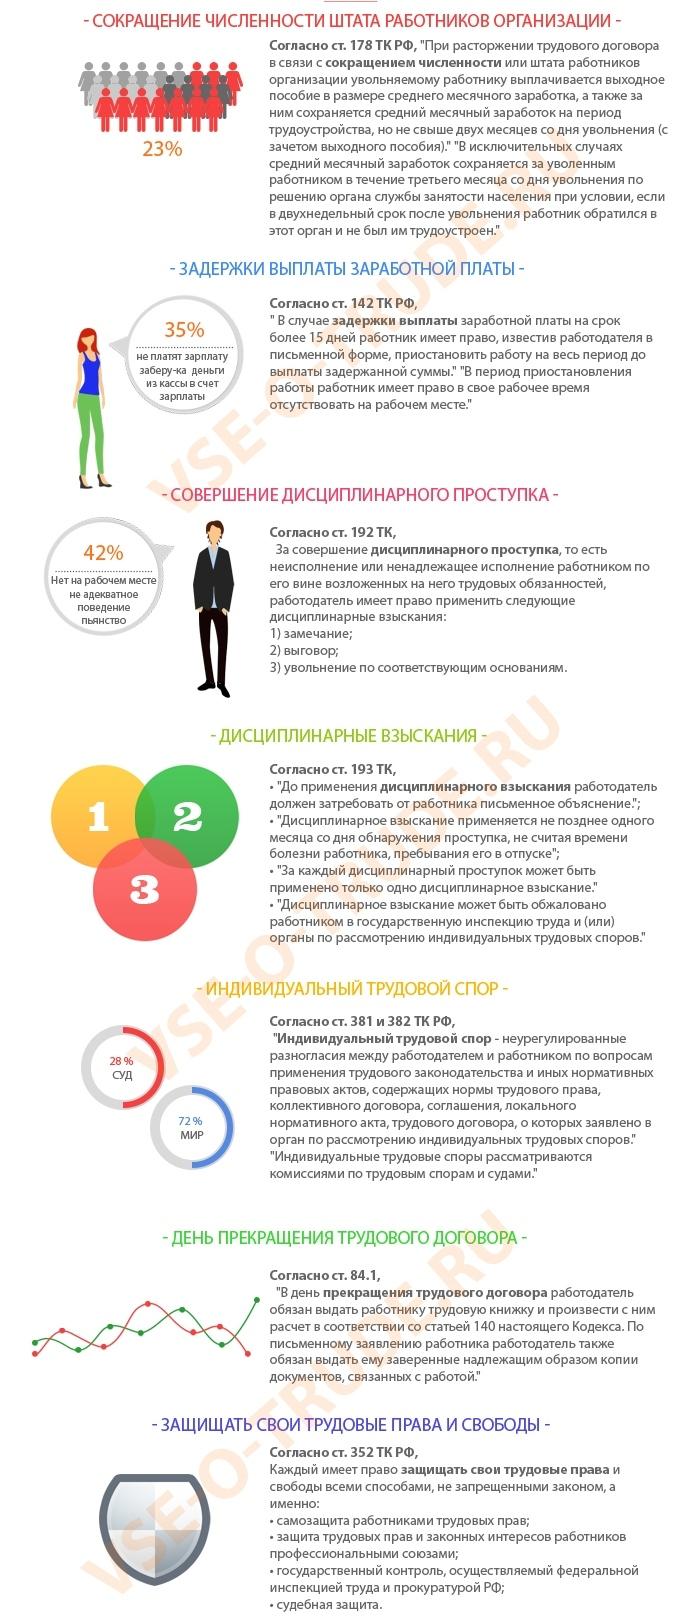 Повышение пенсионного возраста в россии 2019